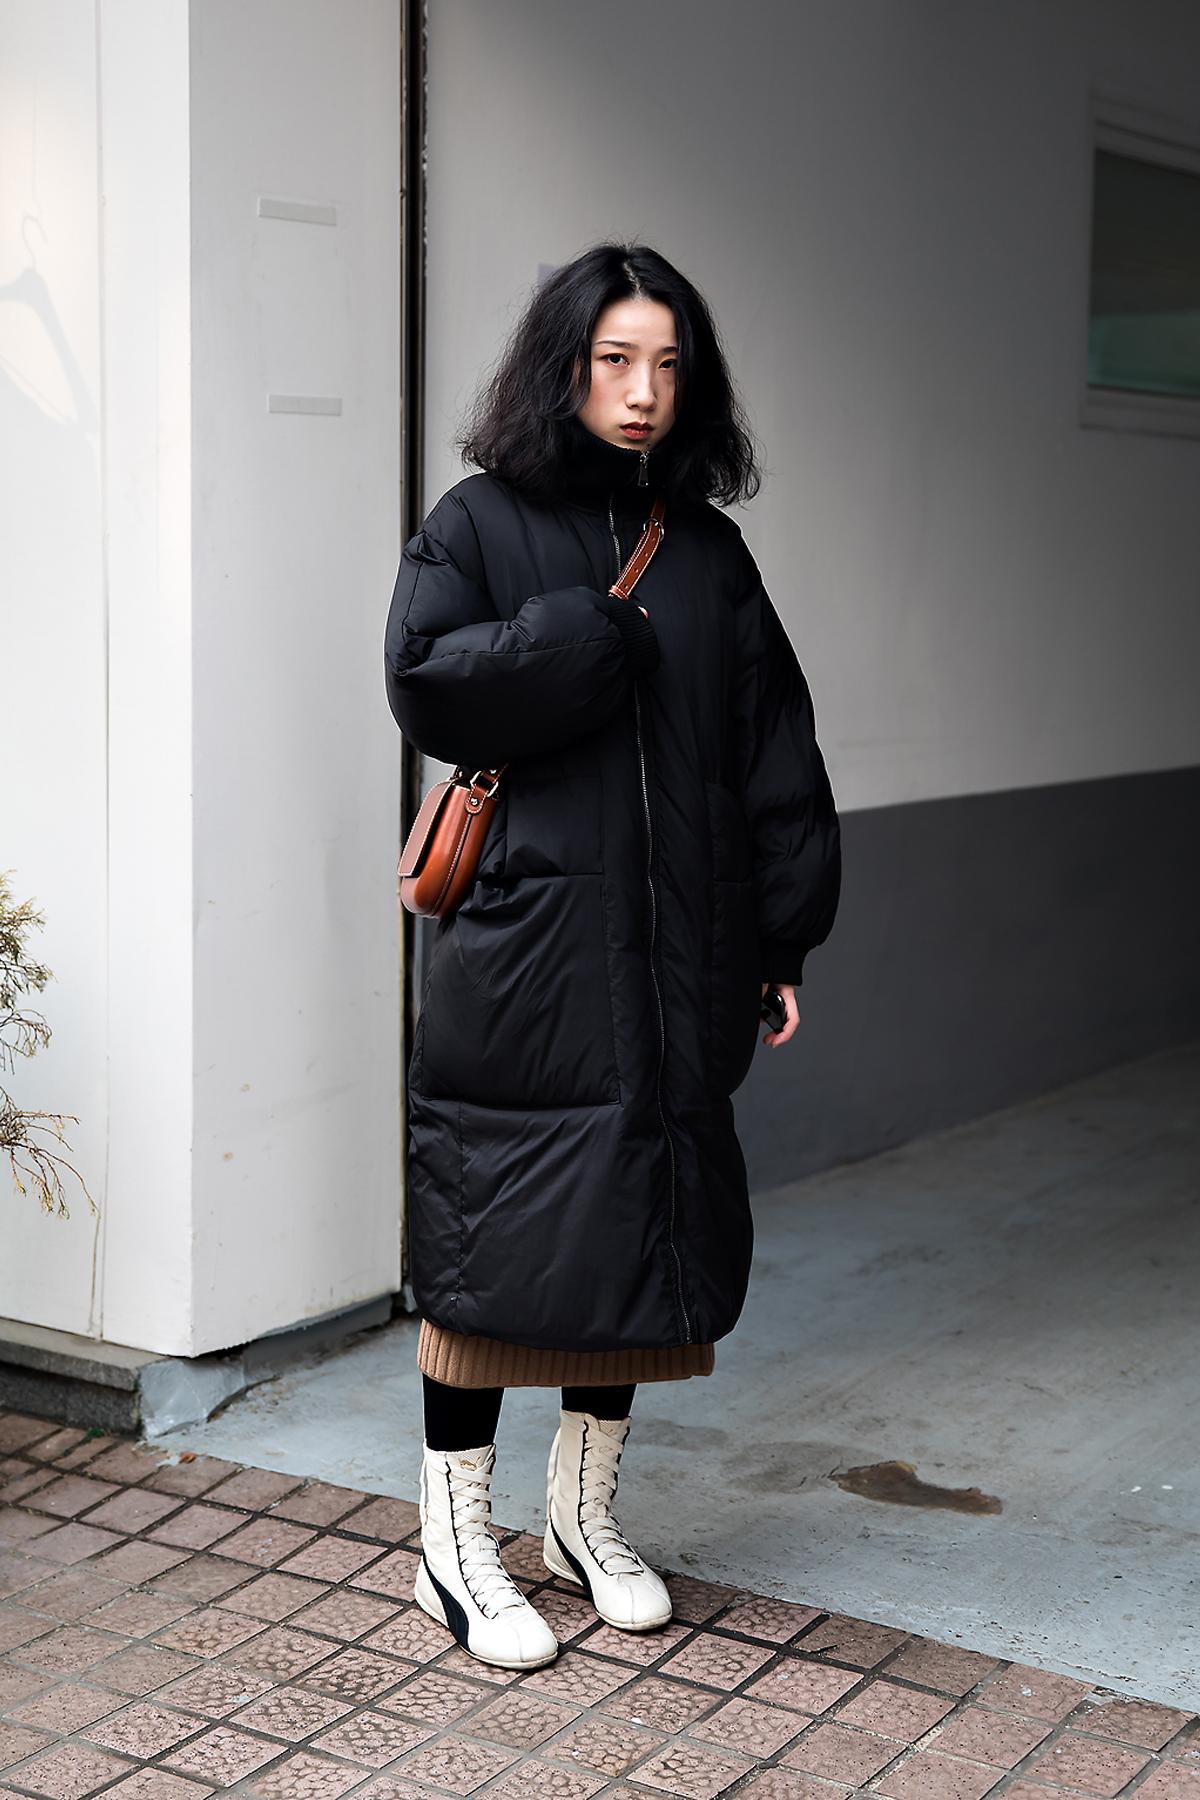 Luojiali, Street style women winter 2017-2018 inseoul